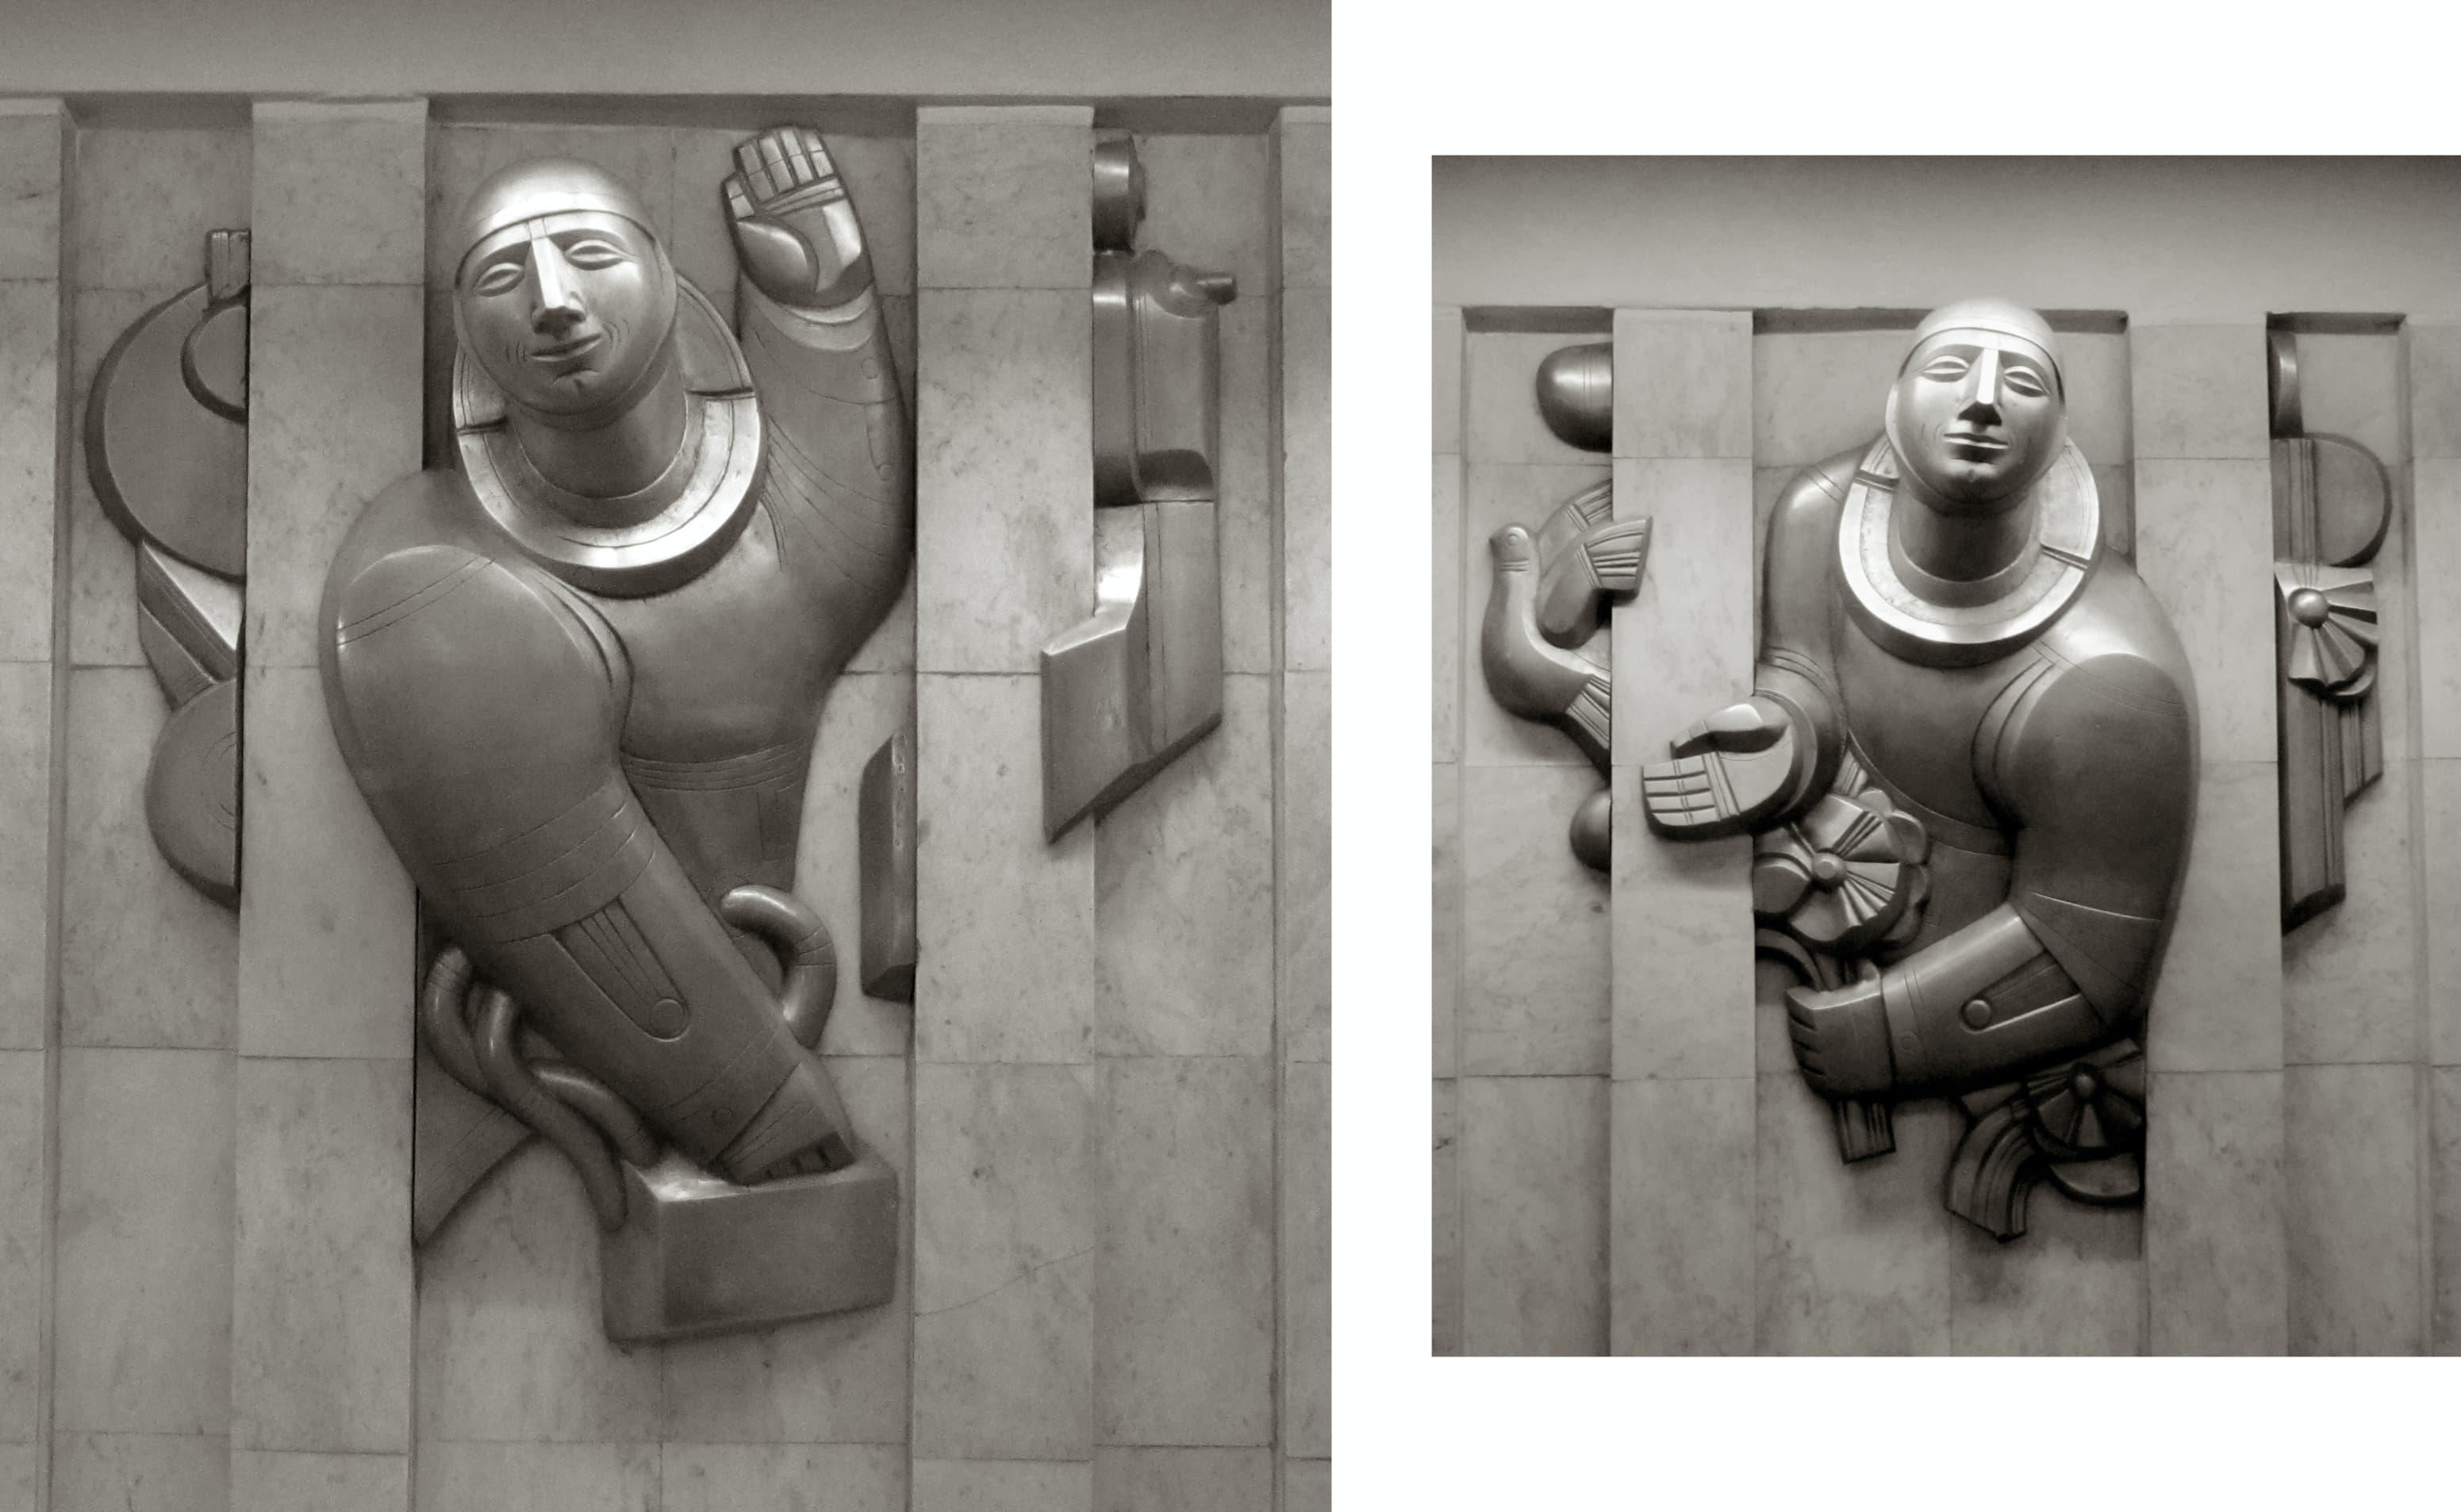 Рельефы для фойе «Встреча» и «Прощание» Бориса Клочкова, метро «Проспект Космонавтов», Екатеринбург